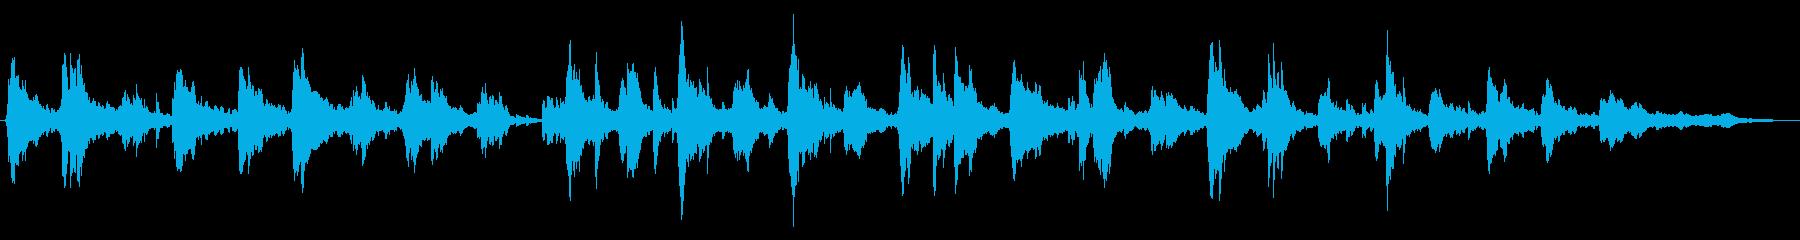 やさしくて綺麗な音色のピアノメロディーの再生済みの波形